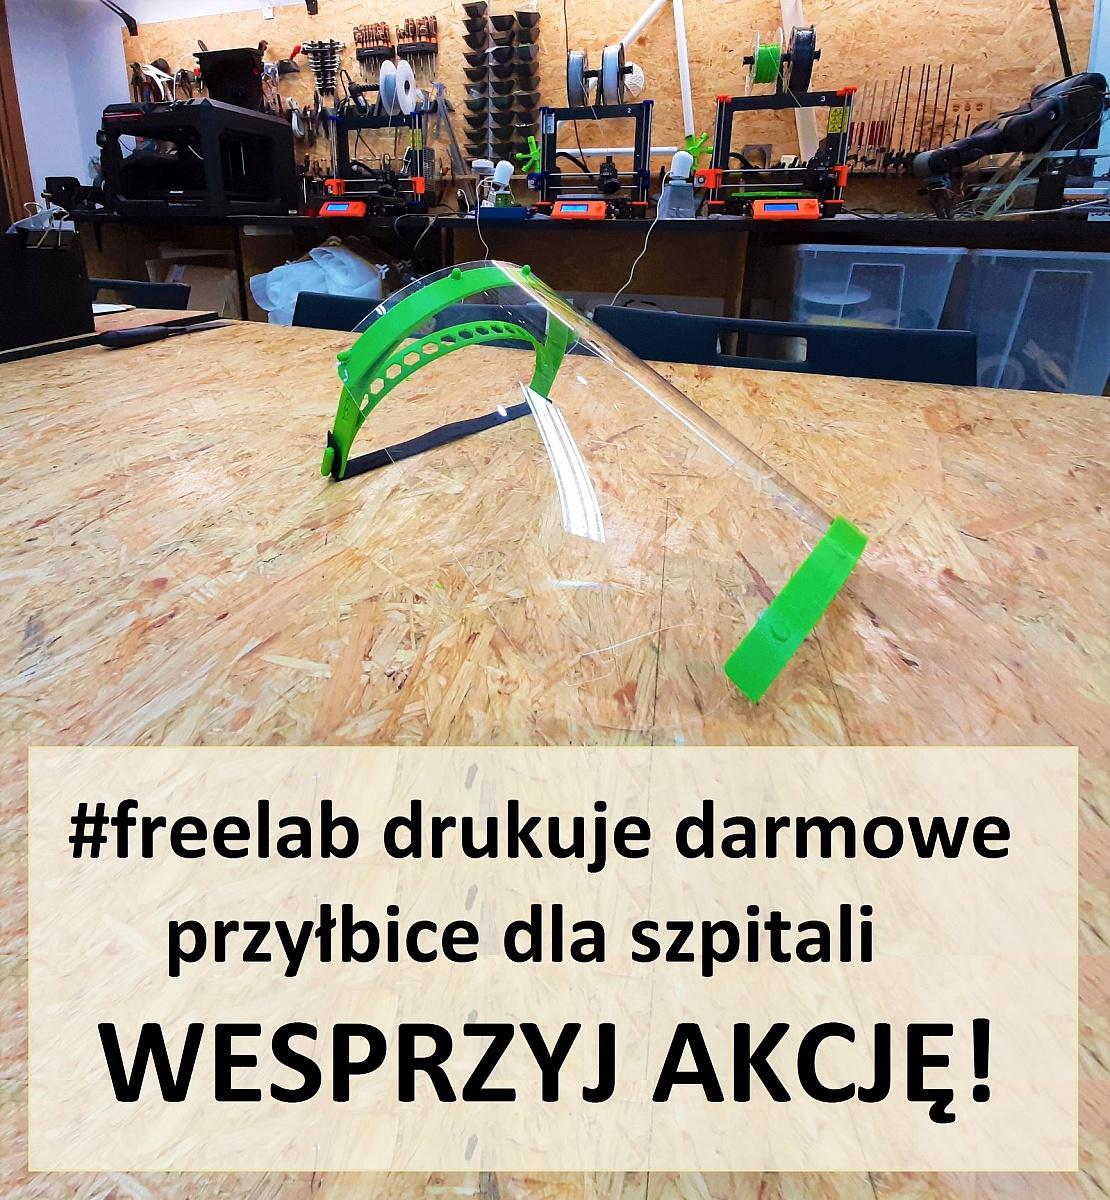 Stowarzyszenie z Wrześni drukuje maski dla szpitali, przychodni i ratowników medycznych - także w Gnieźnie!